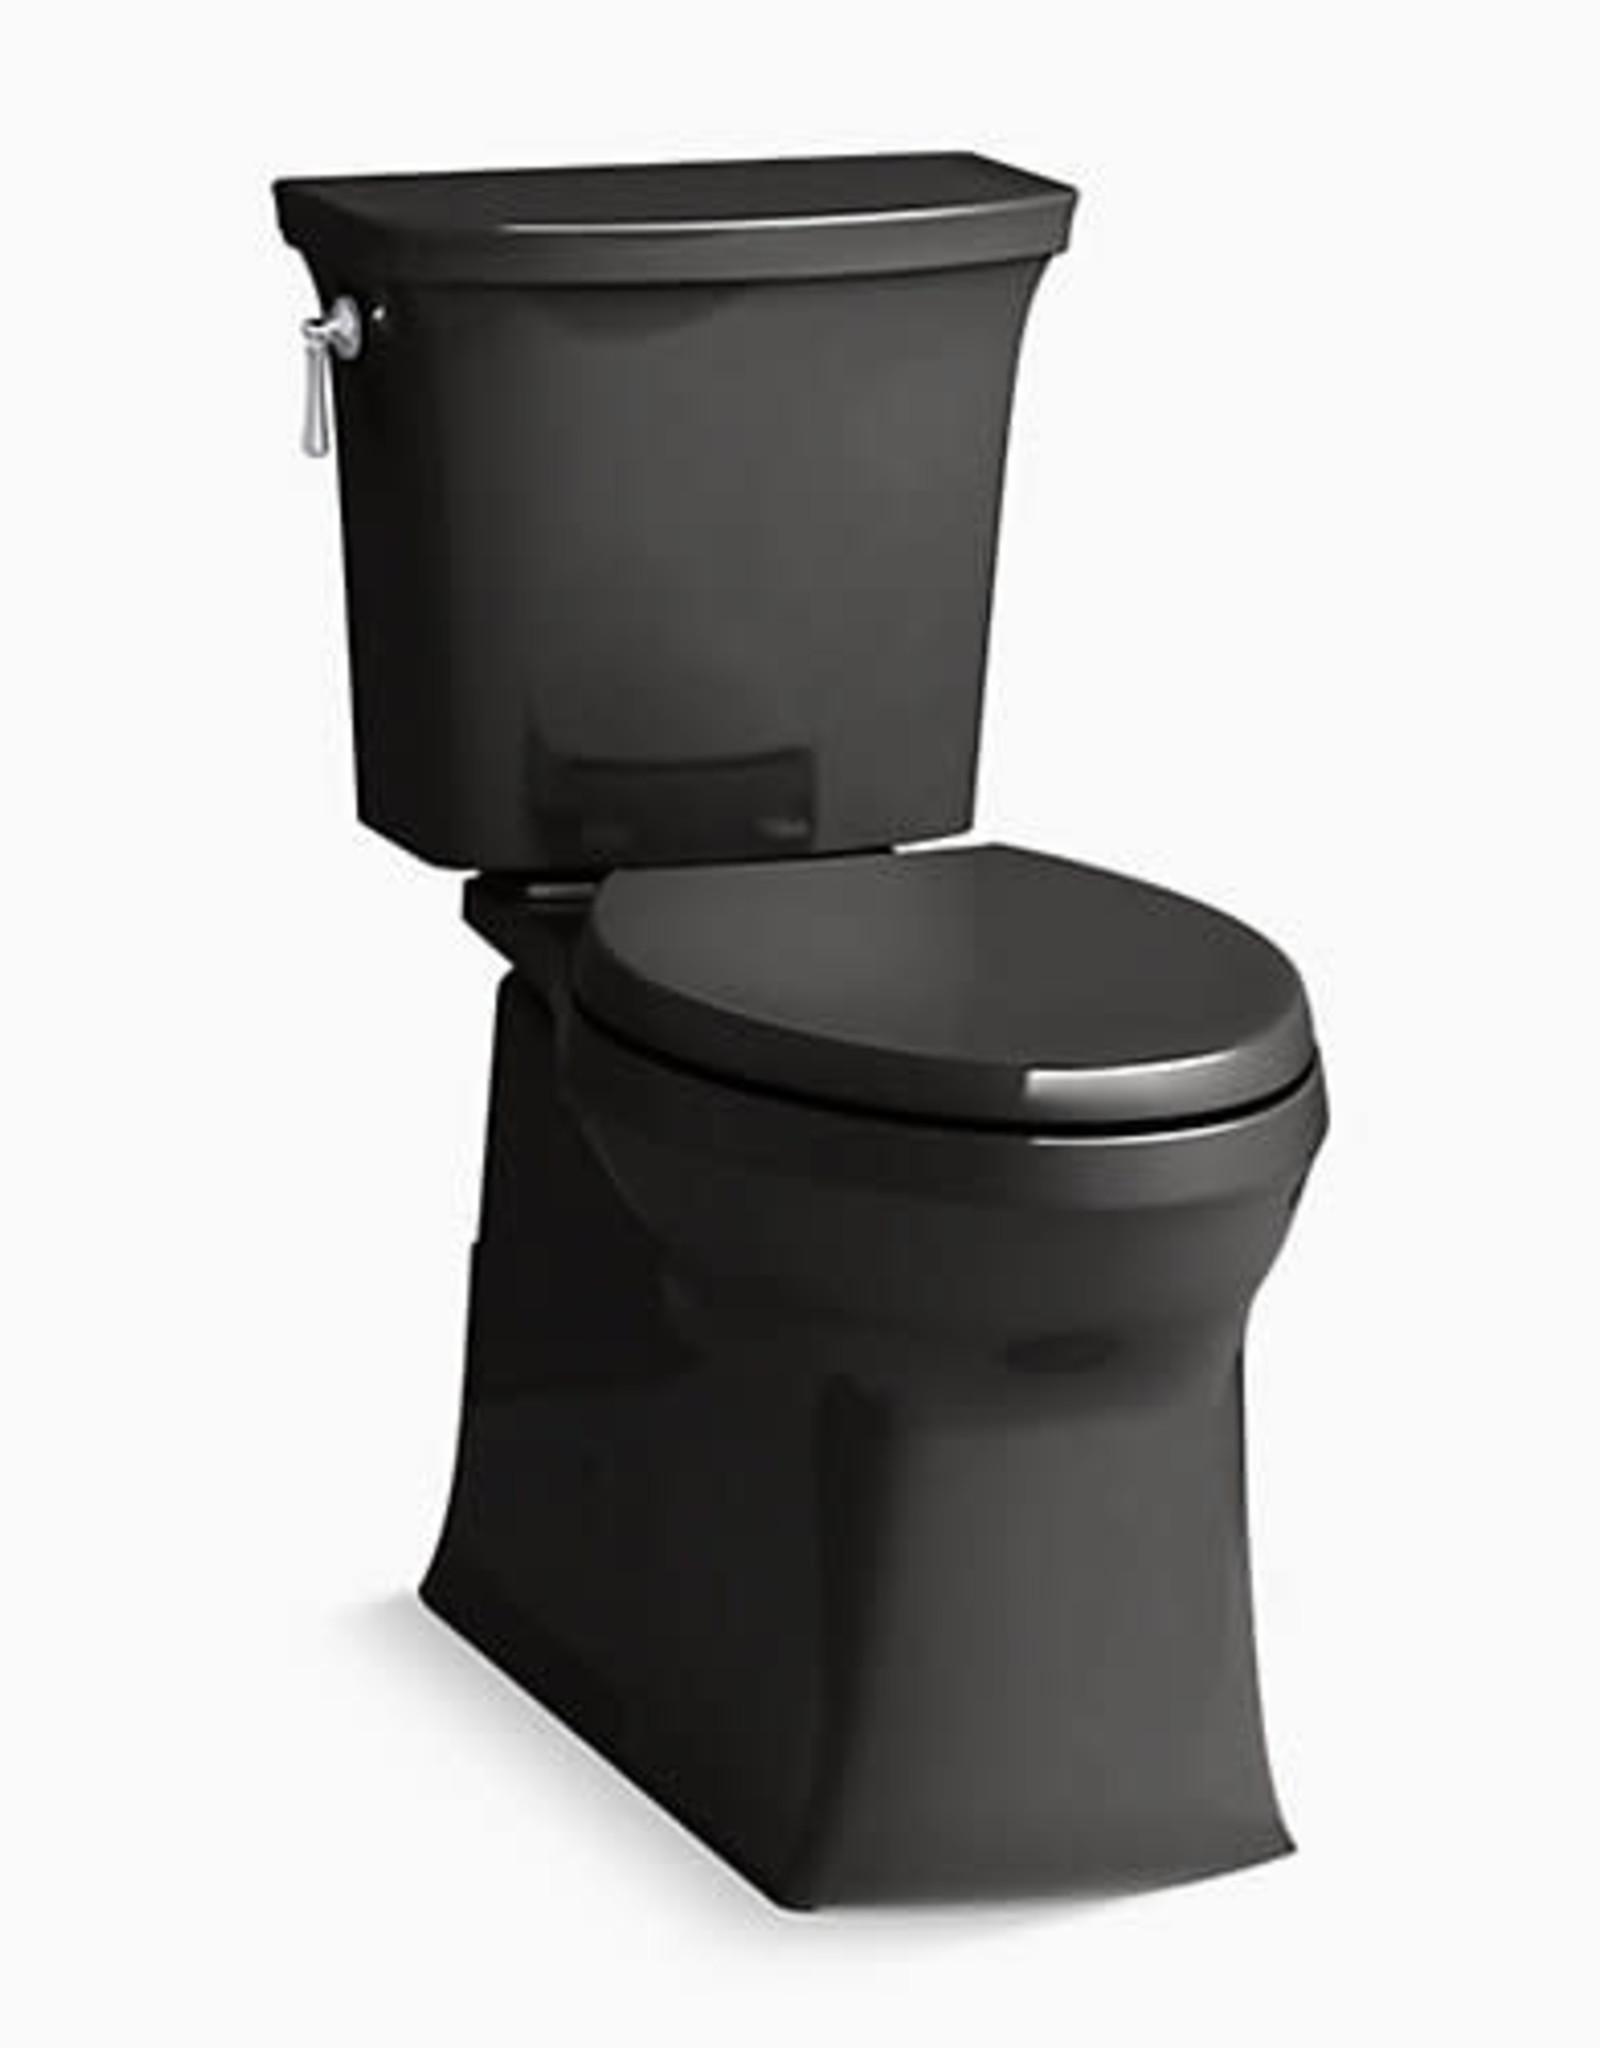 Kohler Kohler Corbelle RH Elongated Toilet- Black